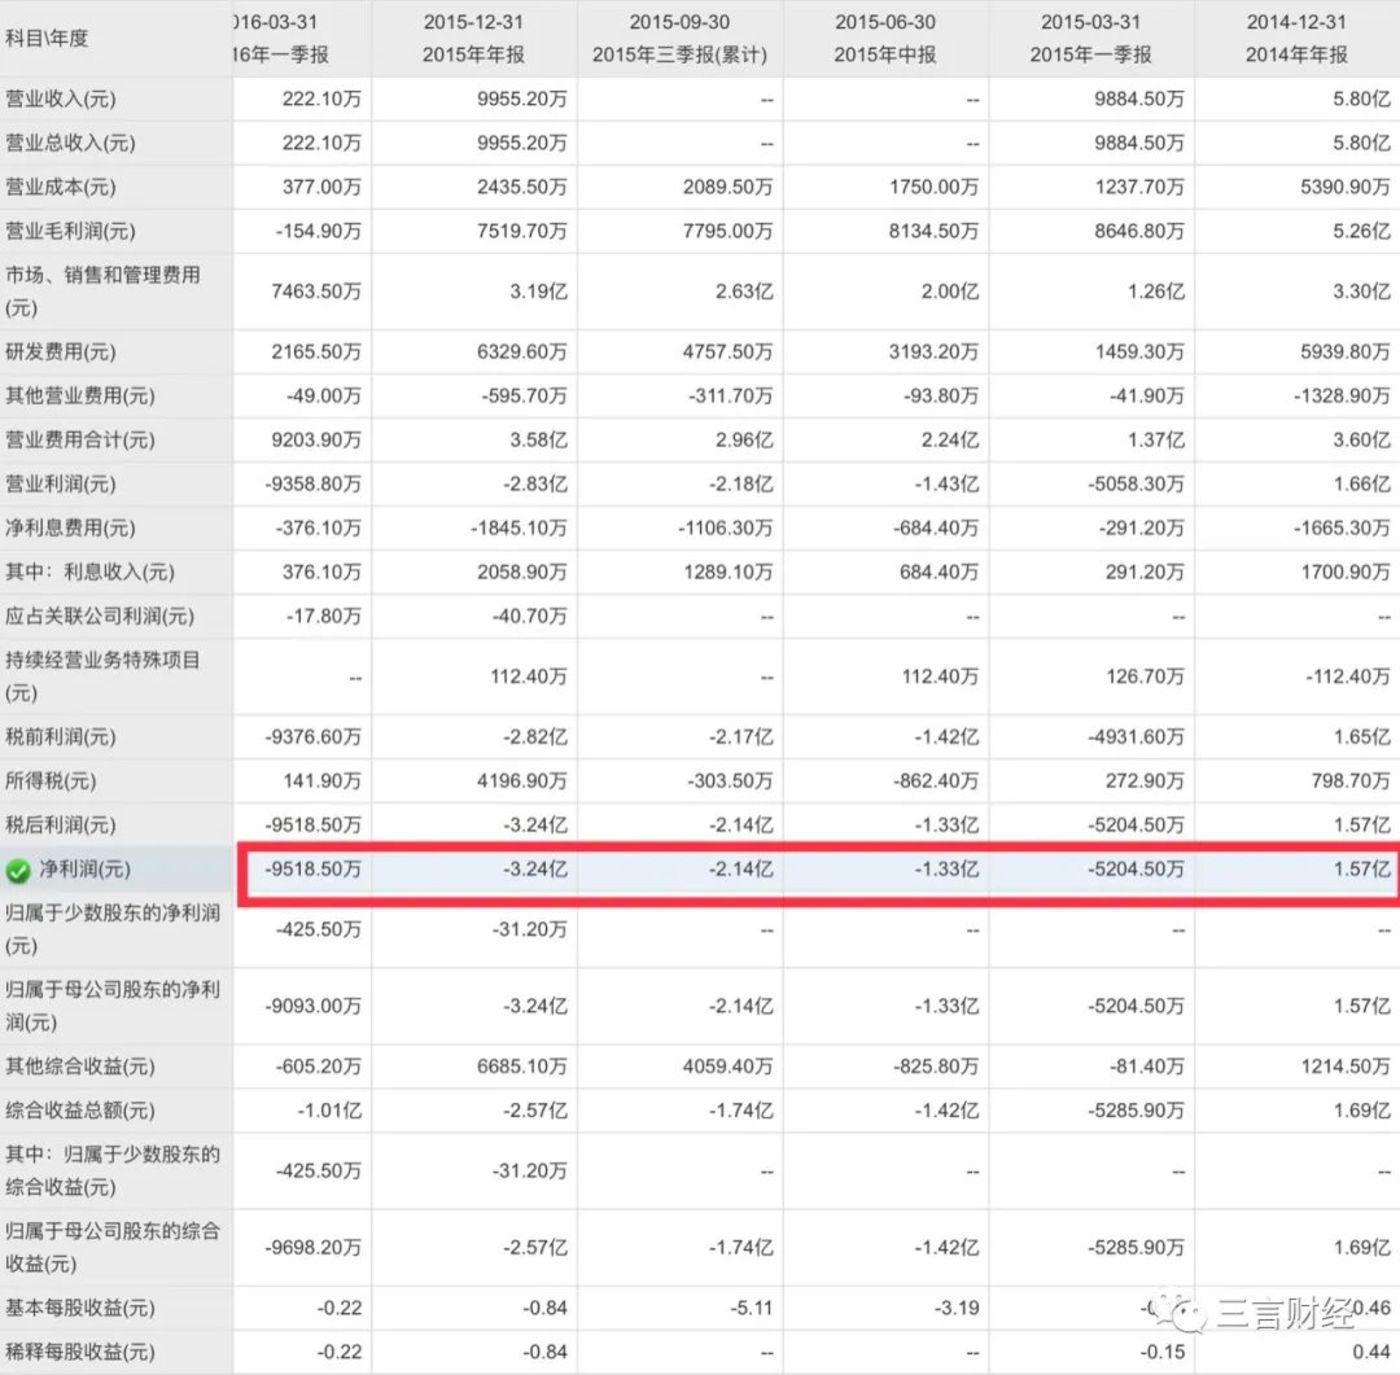 500彩票网自2015年起再无盈利过